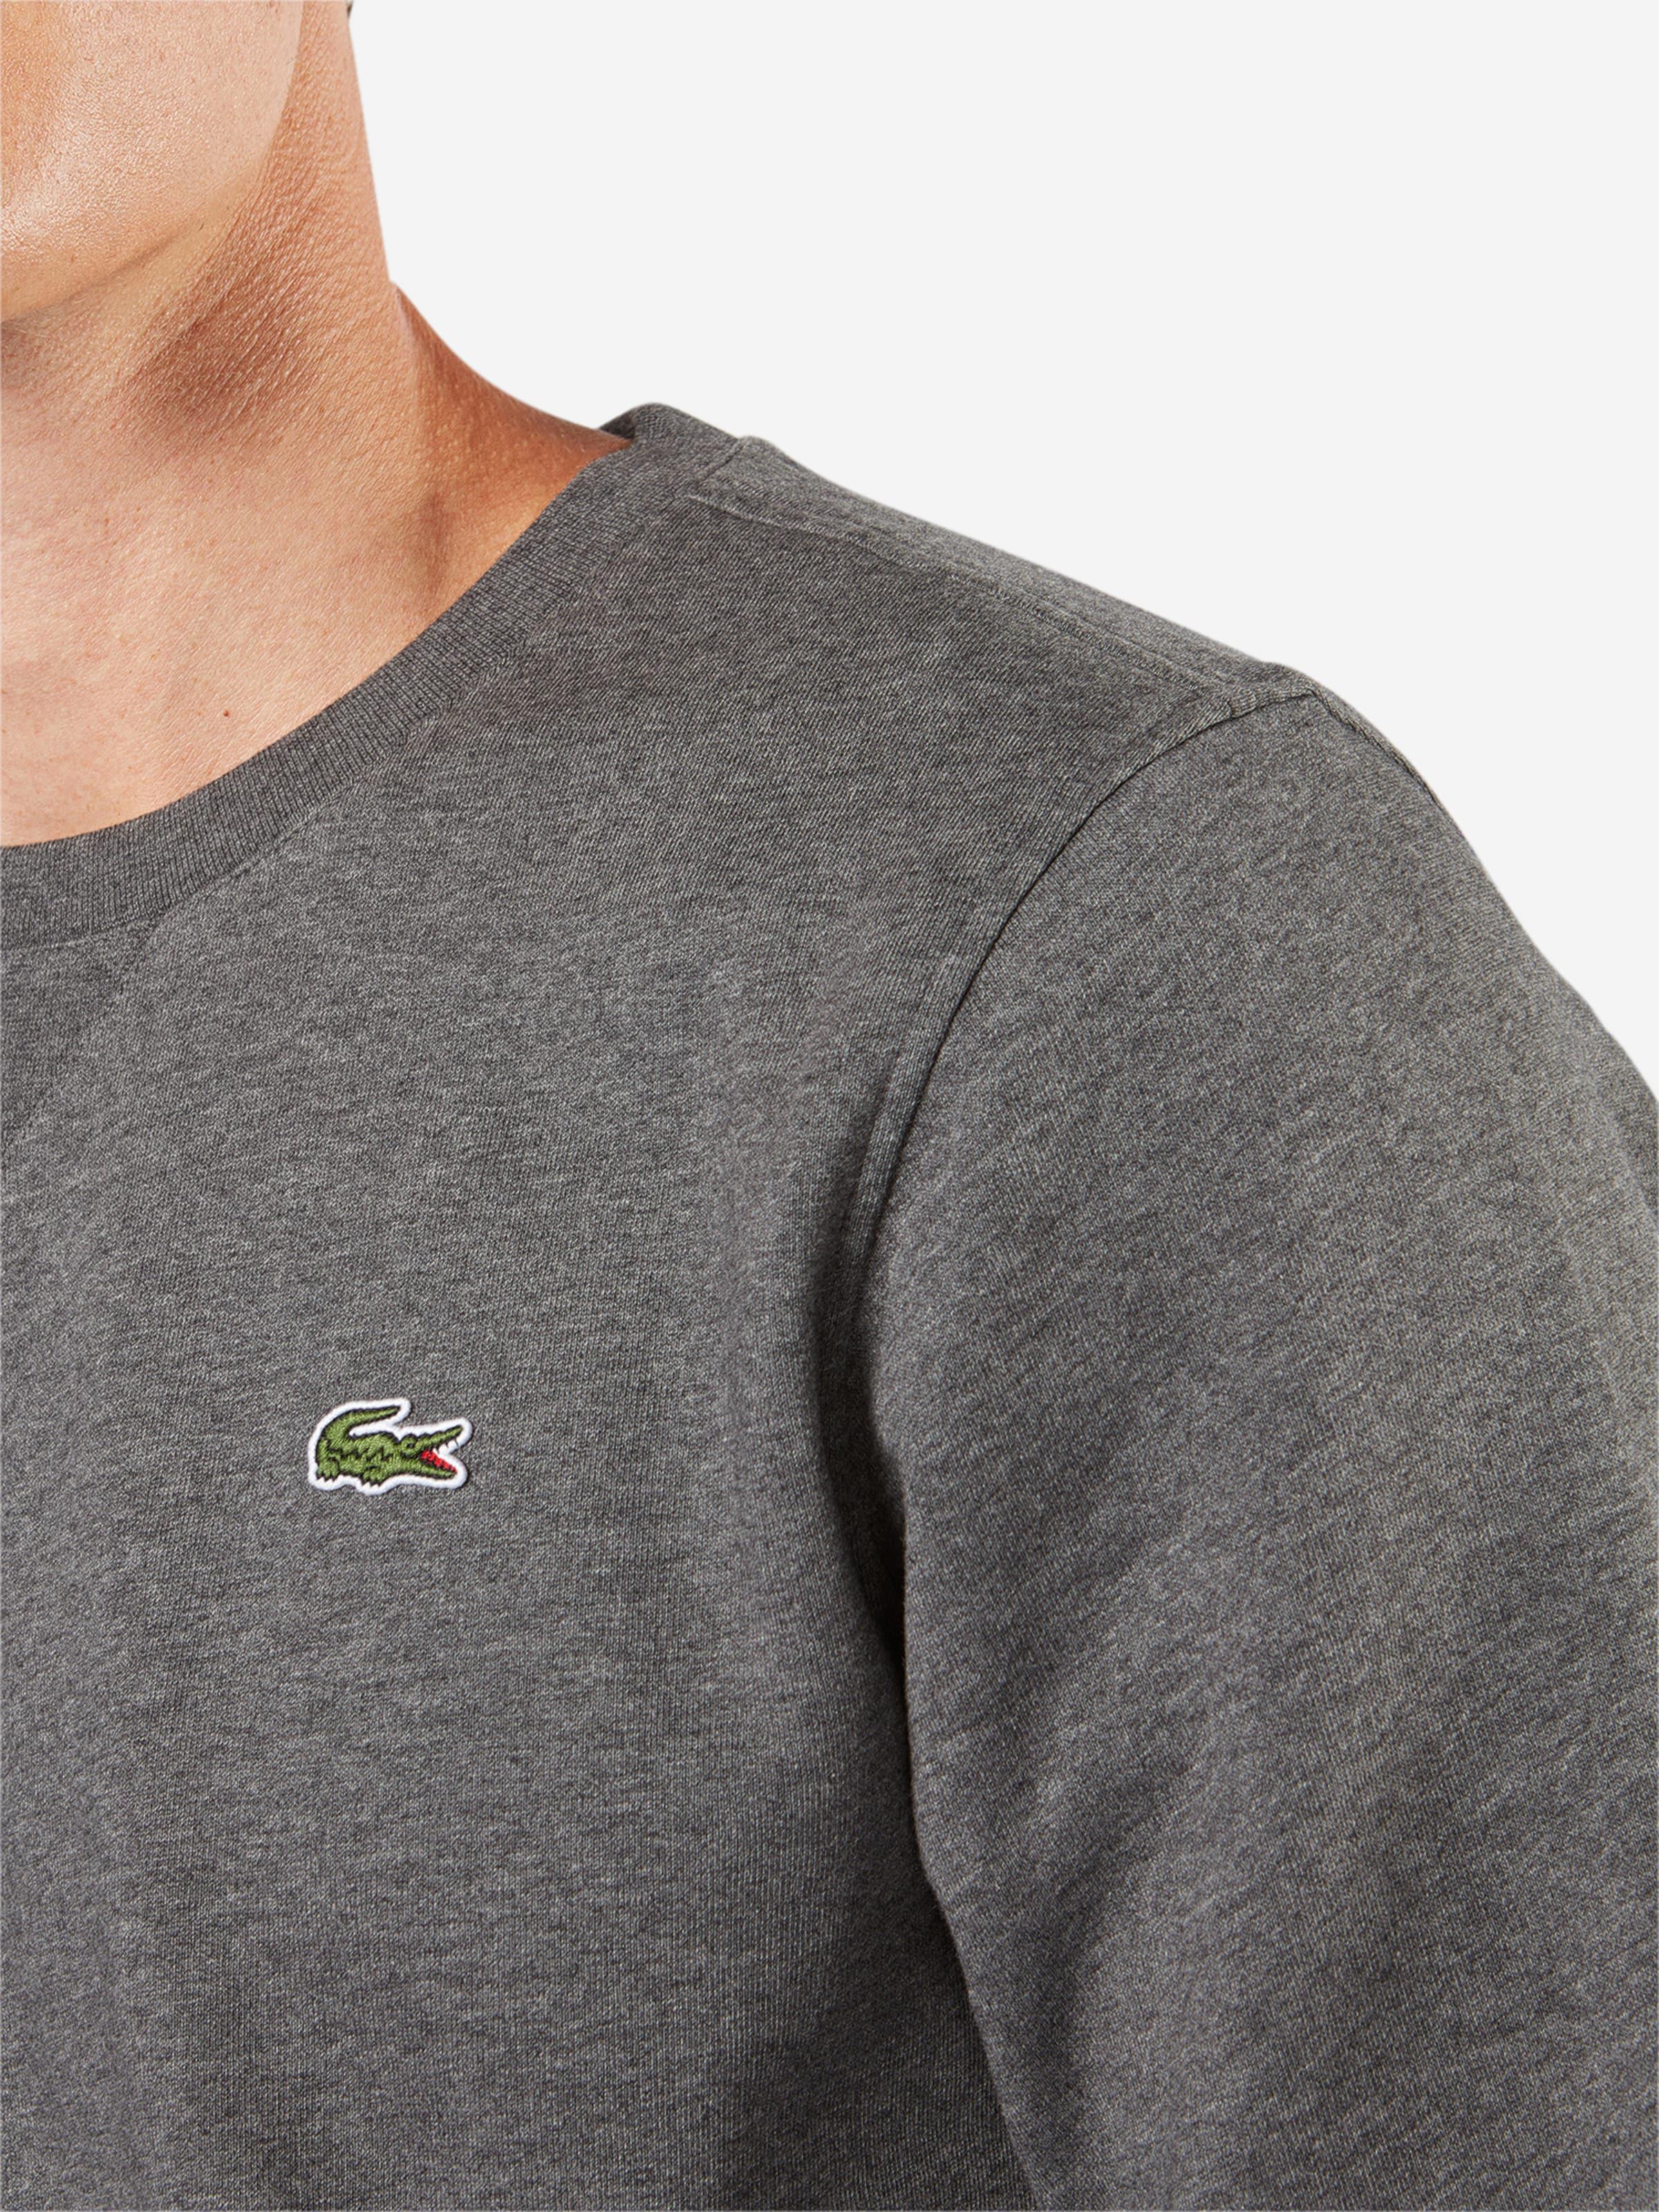 LACOSTE Emblem LACOSTE Logo mit Sweatshirt mit Emblem Sweatshirt Sweatshirt Logo LACOSTE nYH6HZq